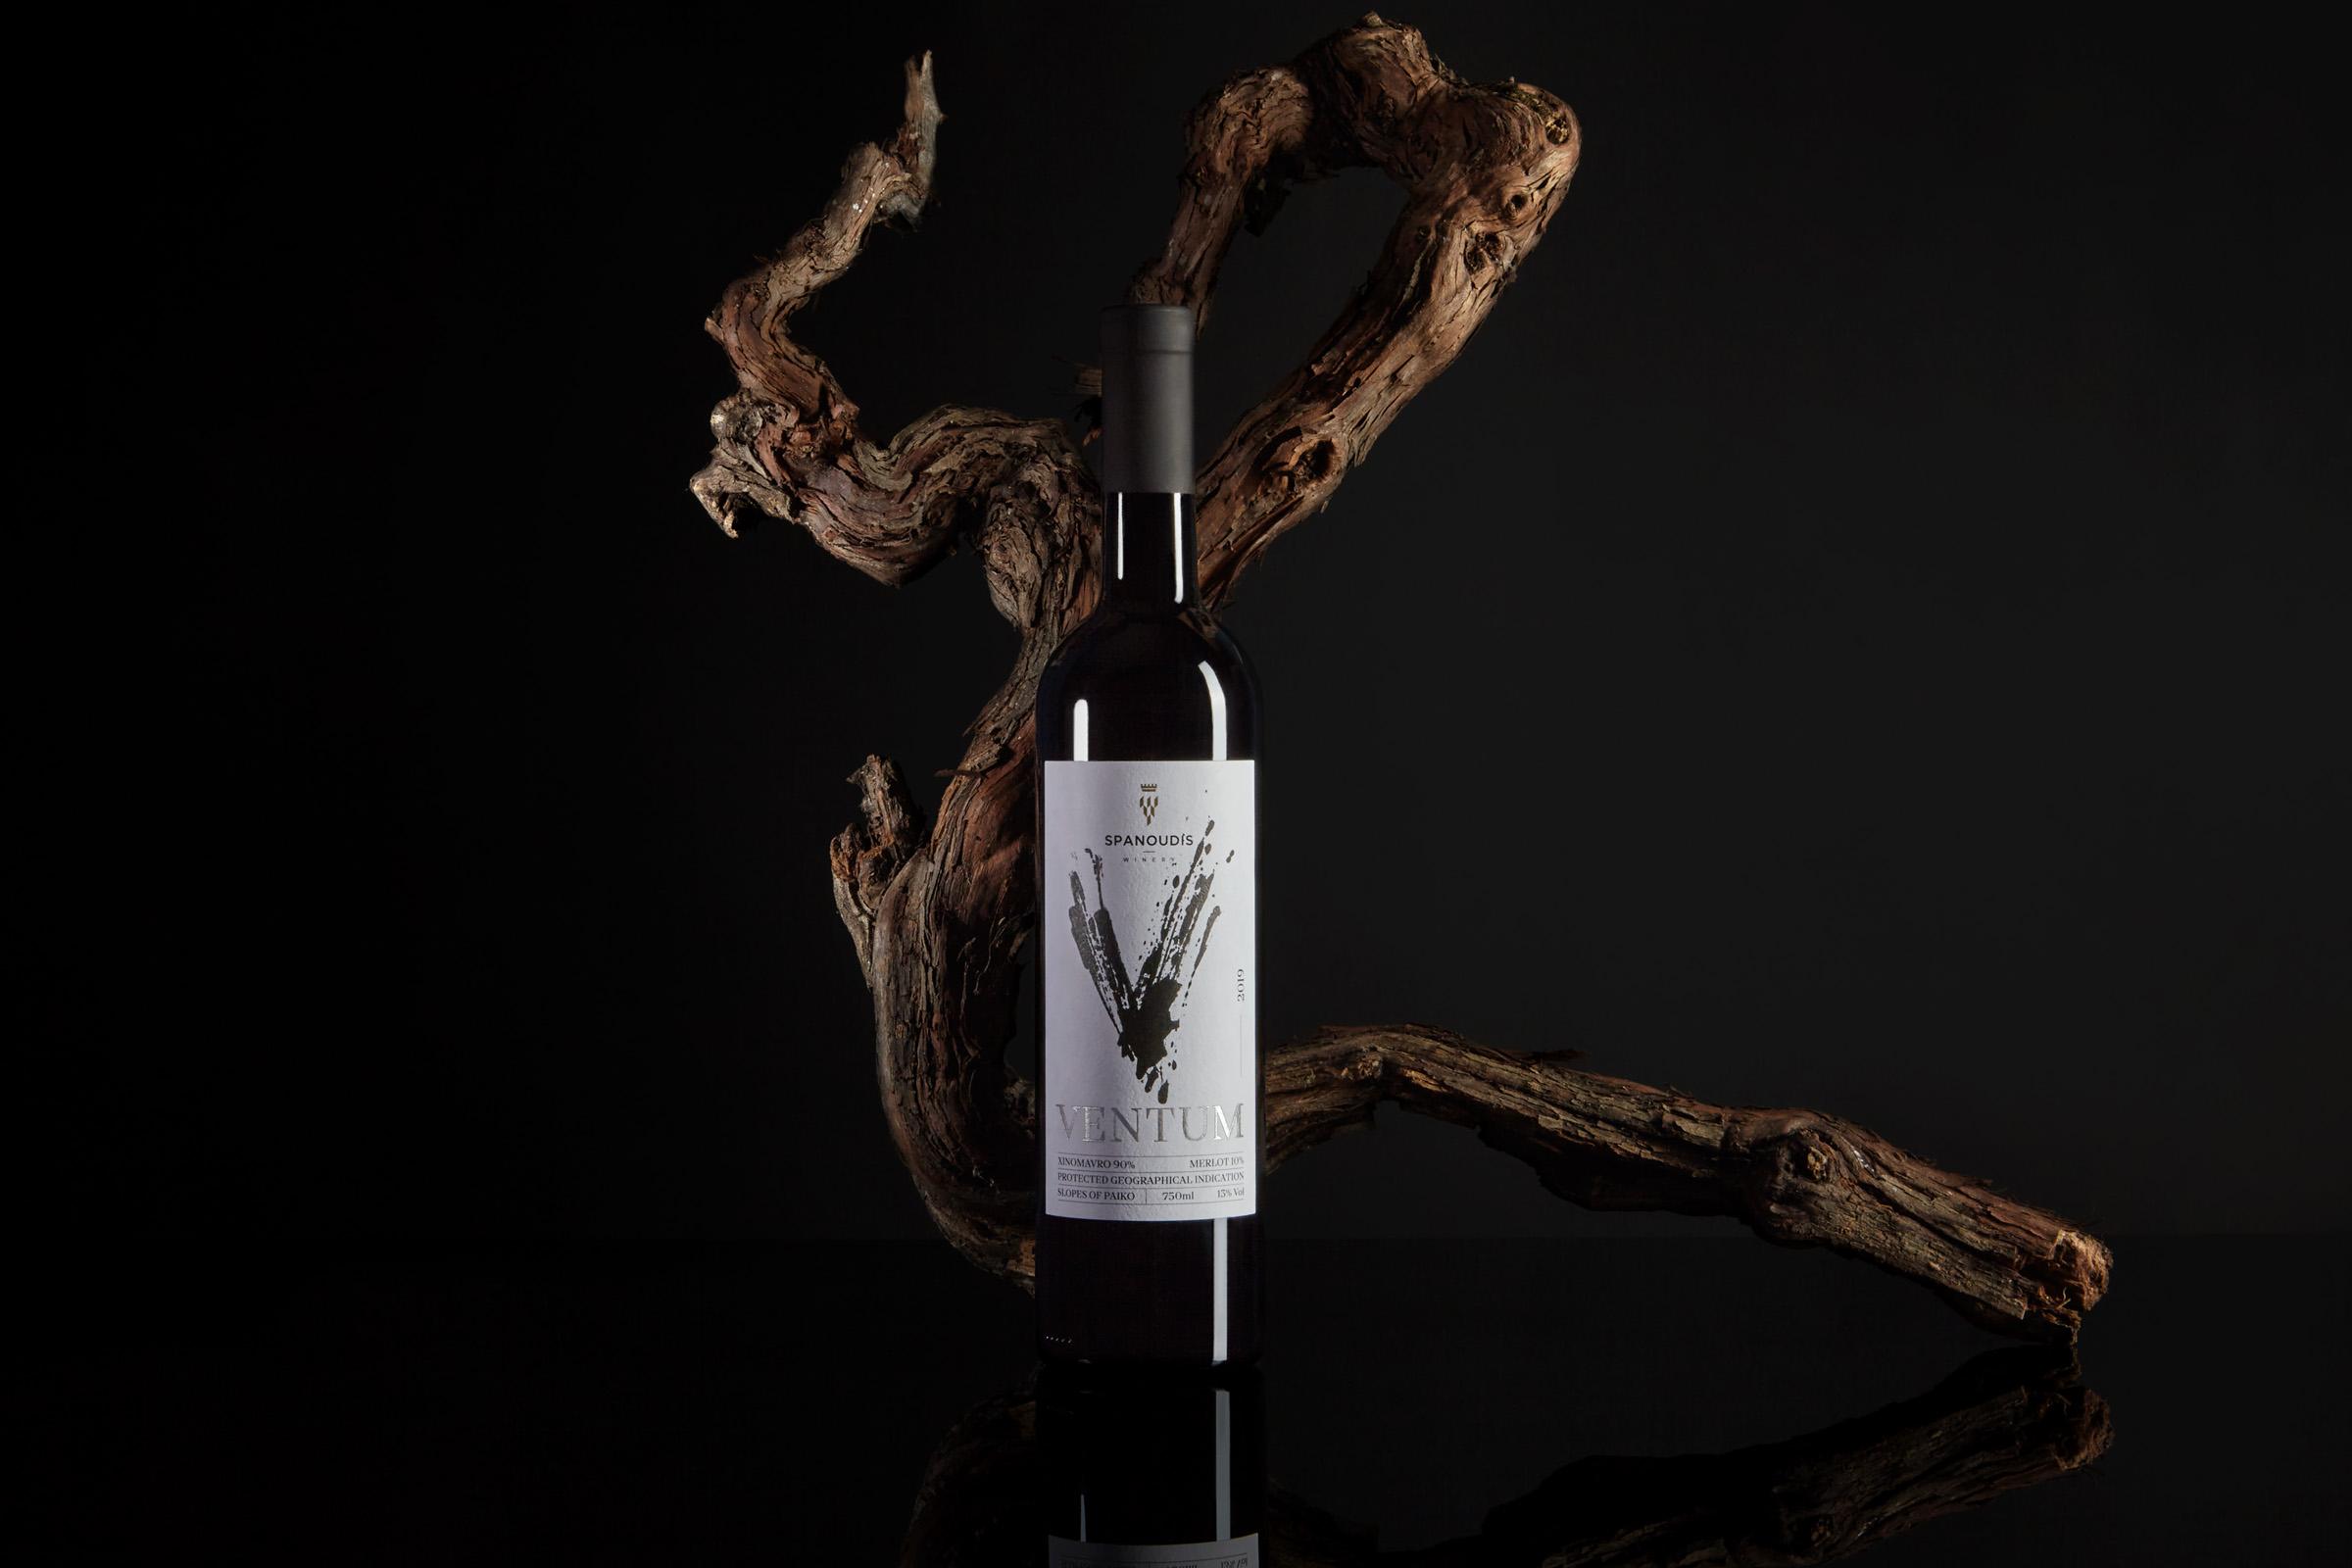 Ventum Wine Label Design by Cursor Design Studio